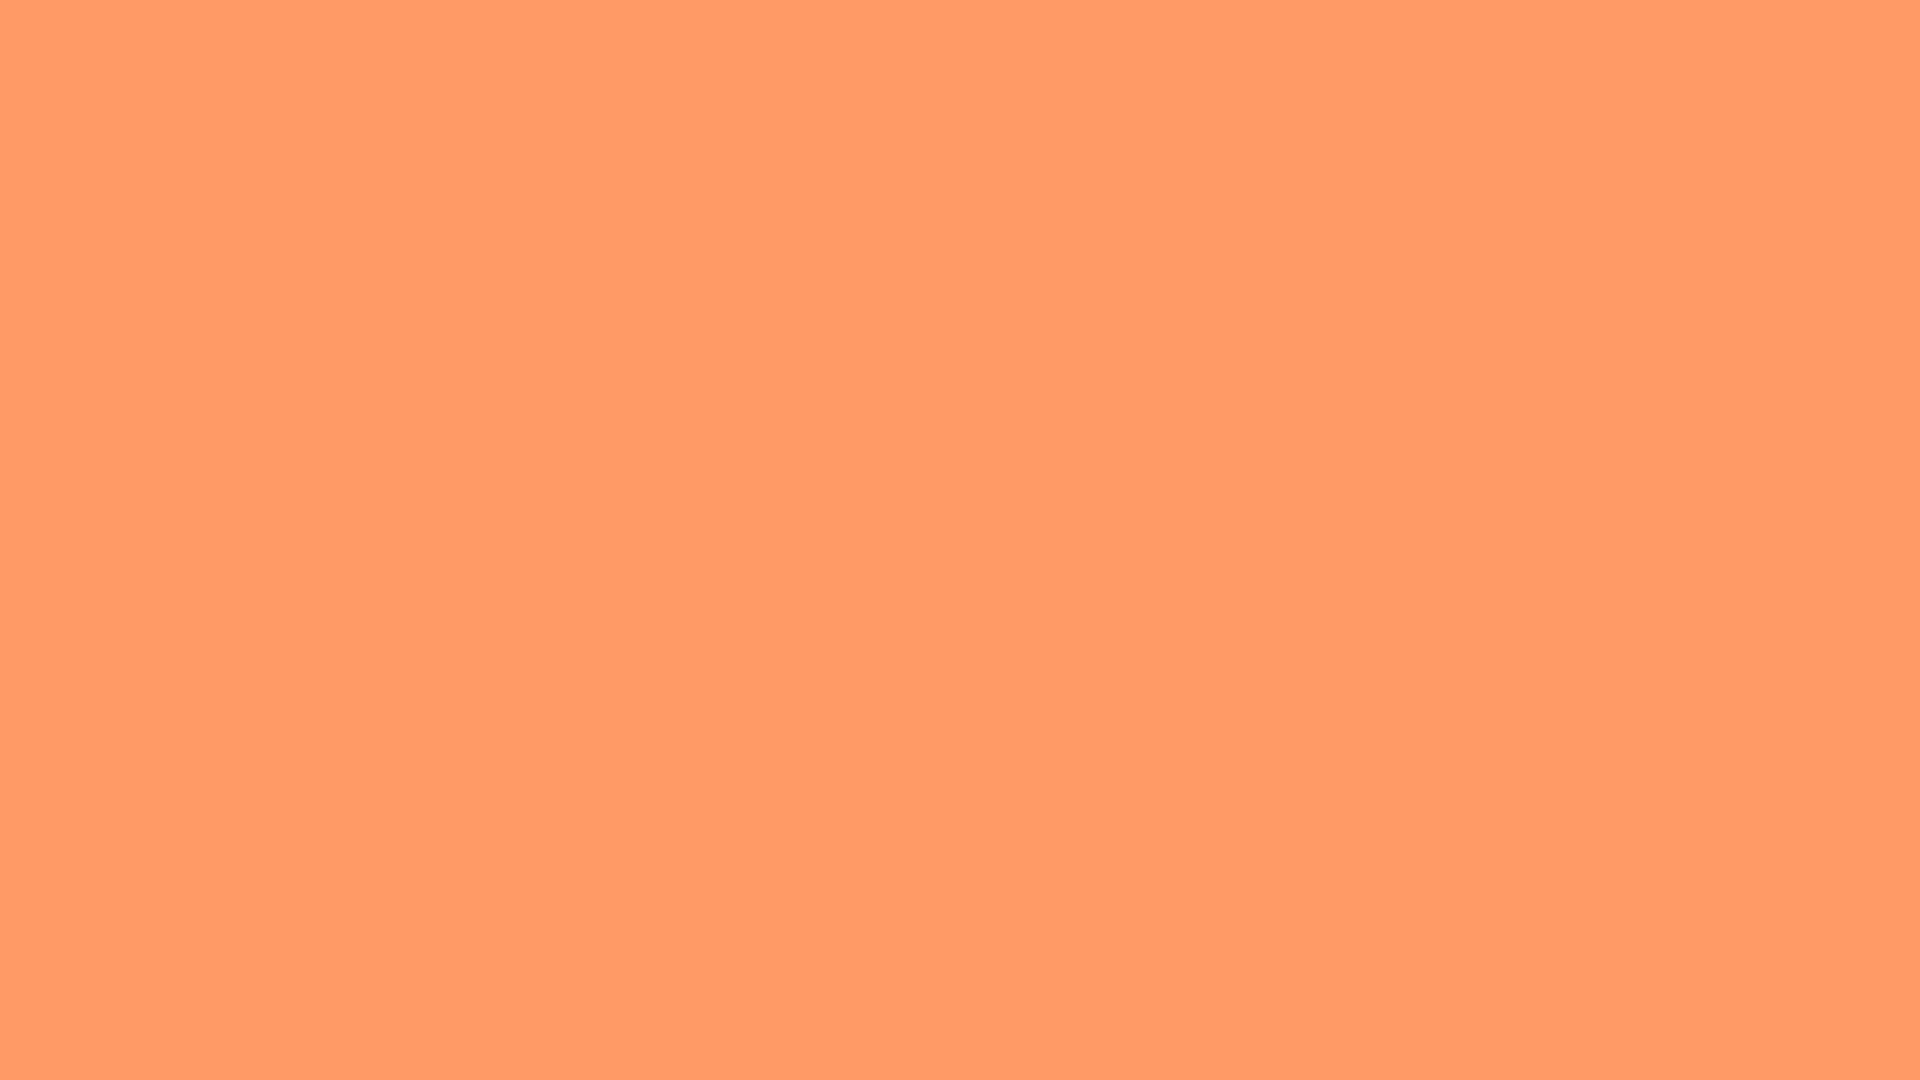 1920x1080 Pink-orange Solid Color Background